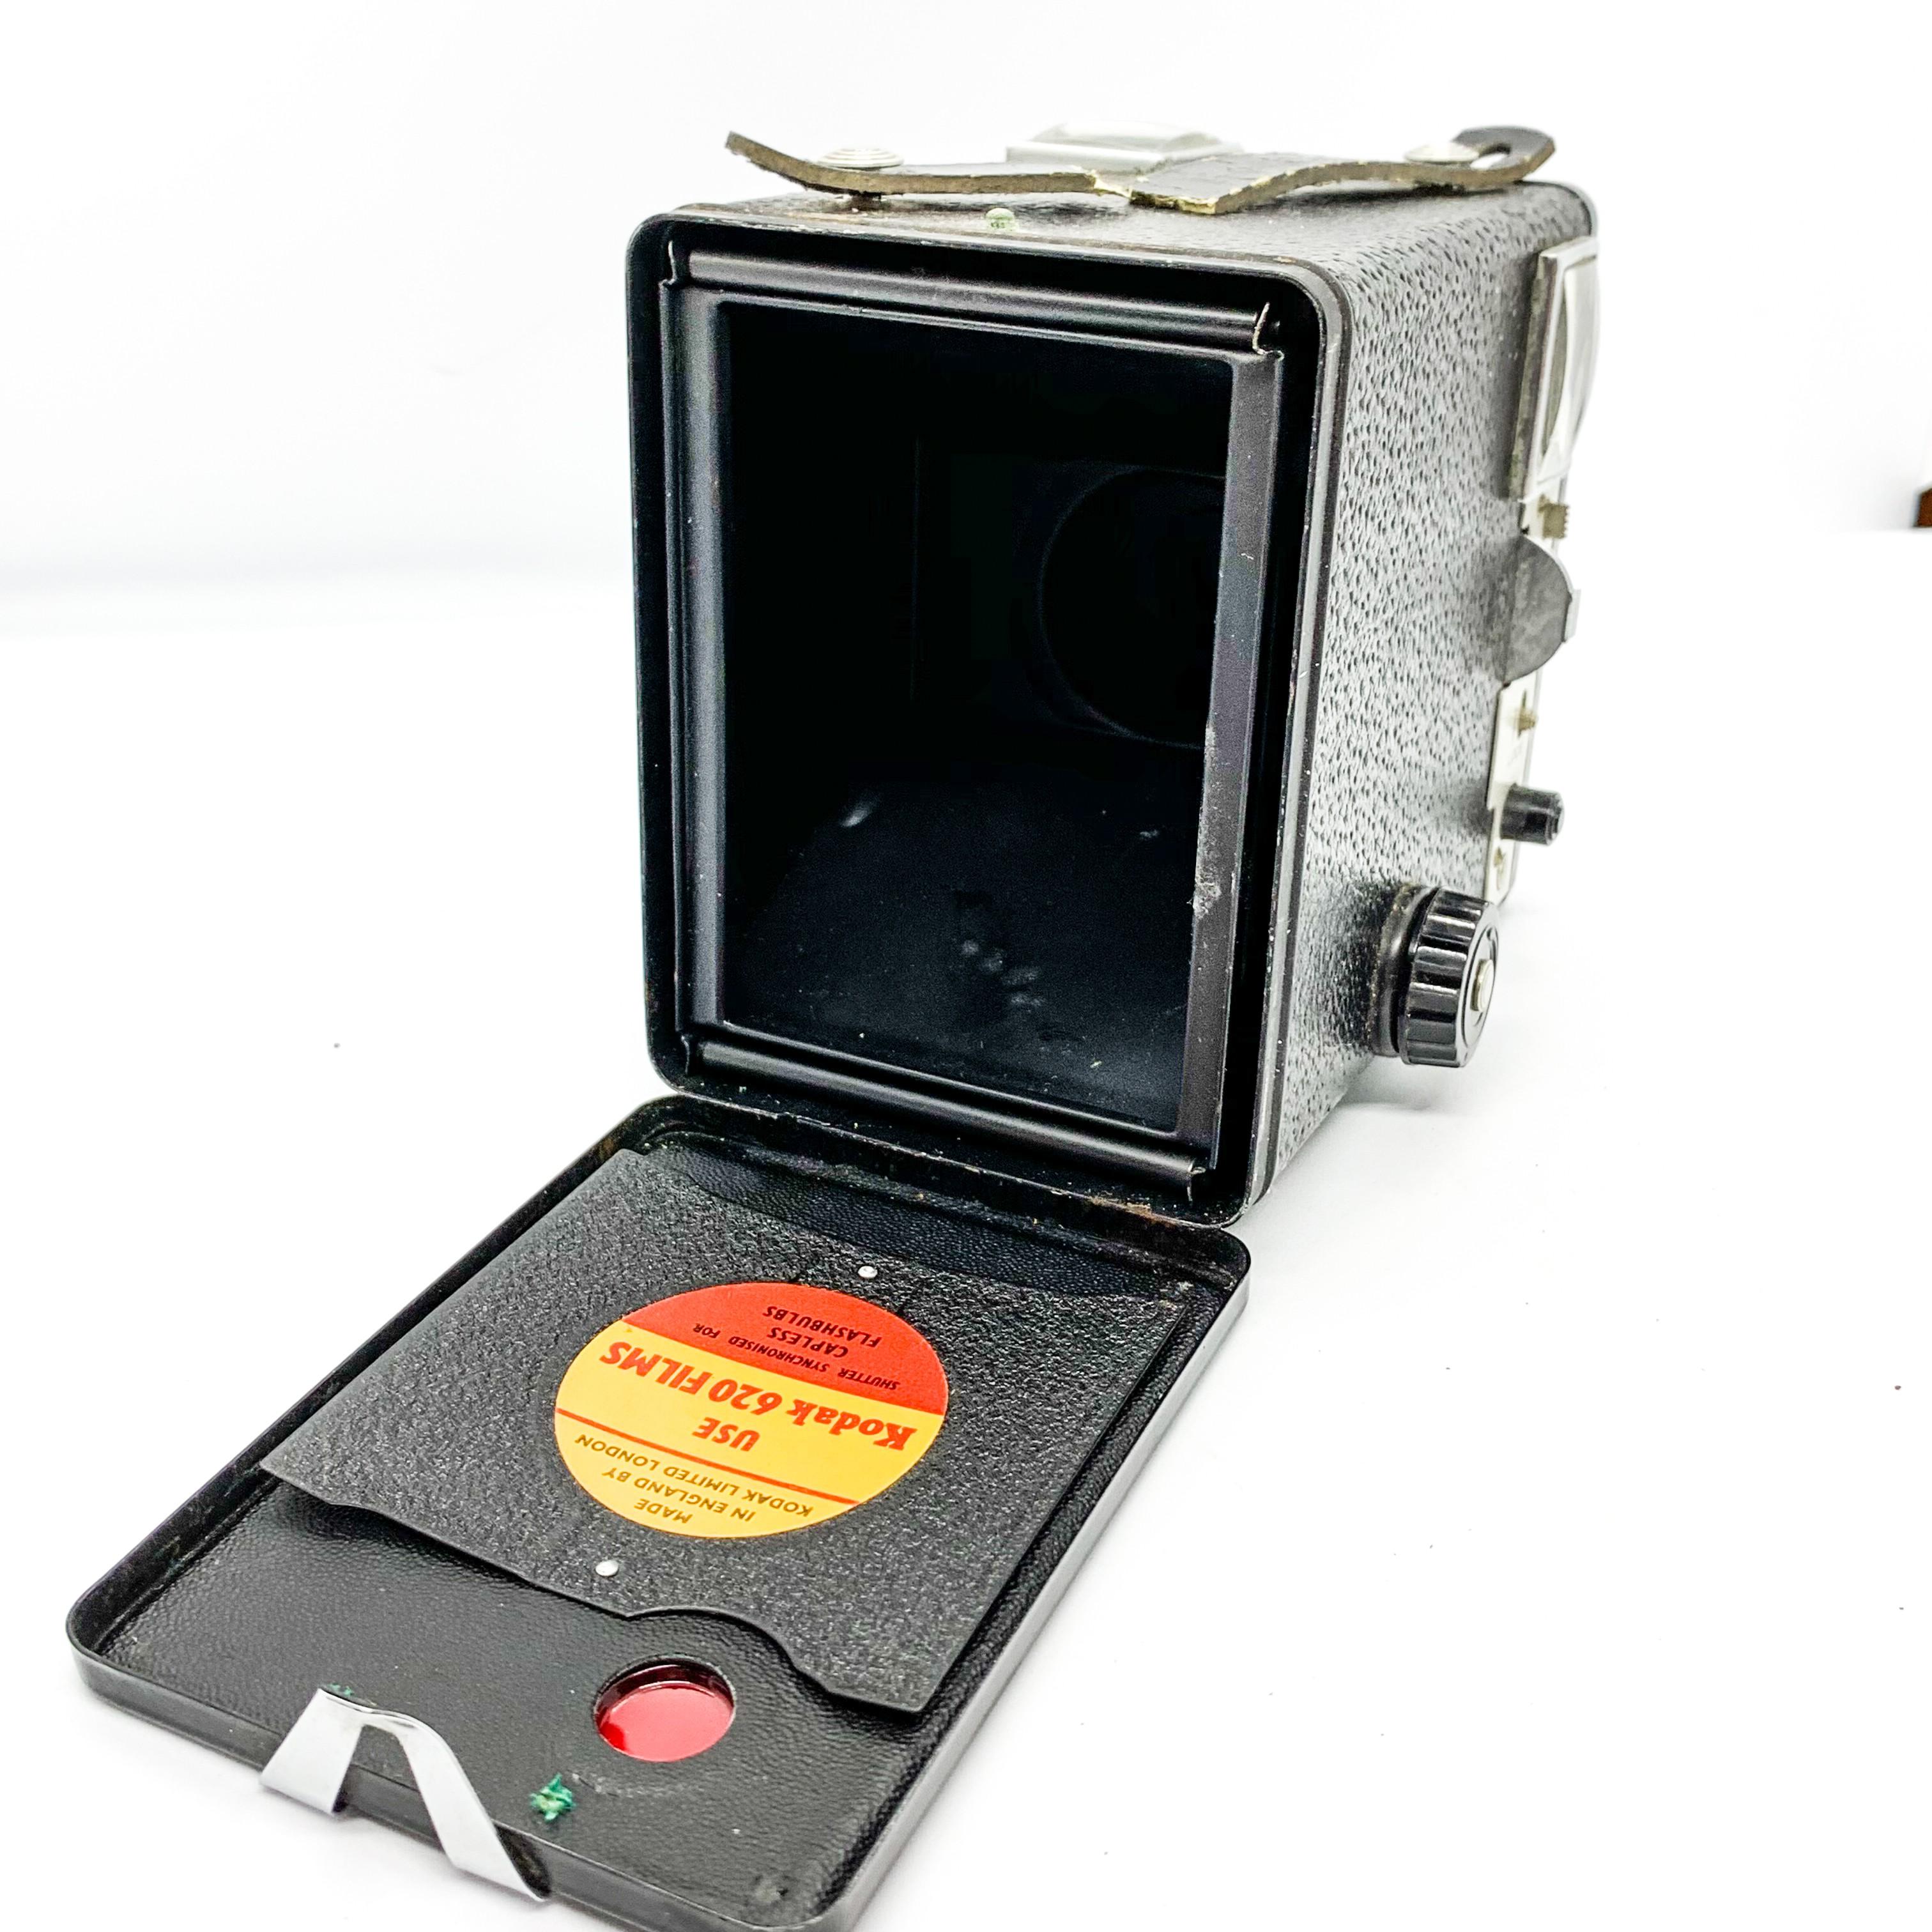 Vintage Box Brownie Camera